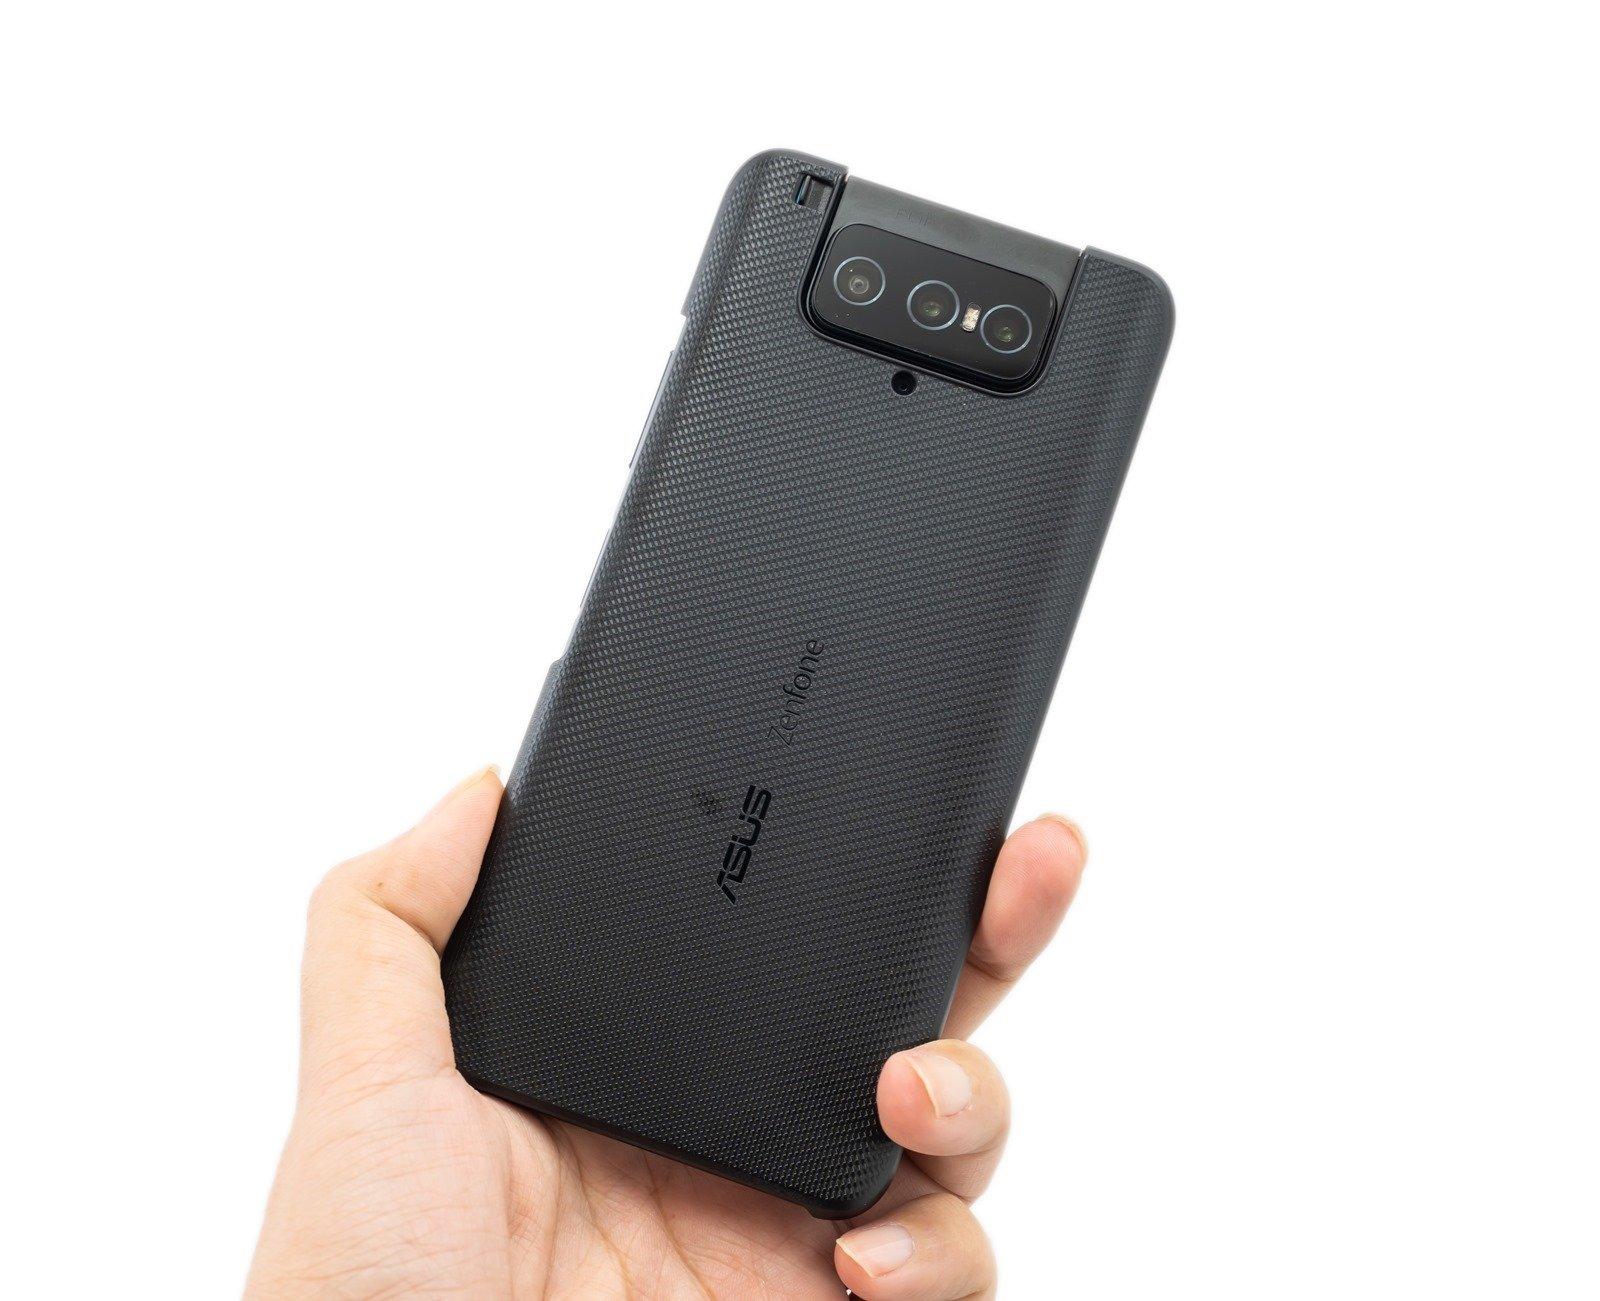 翻轉三鏡頭 ZenFone 7 Pro 一樣創新實用 (1) 開箱/性能/續航/充電實測 @3C 達人廖阿輝